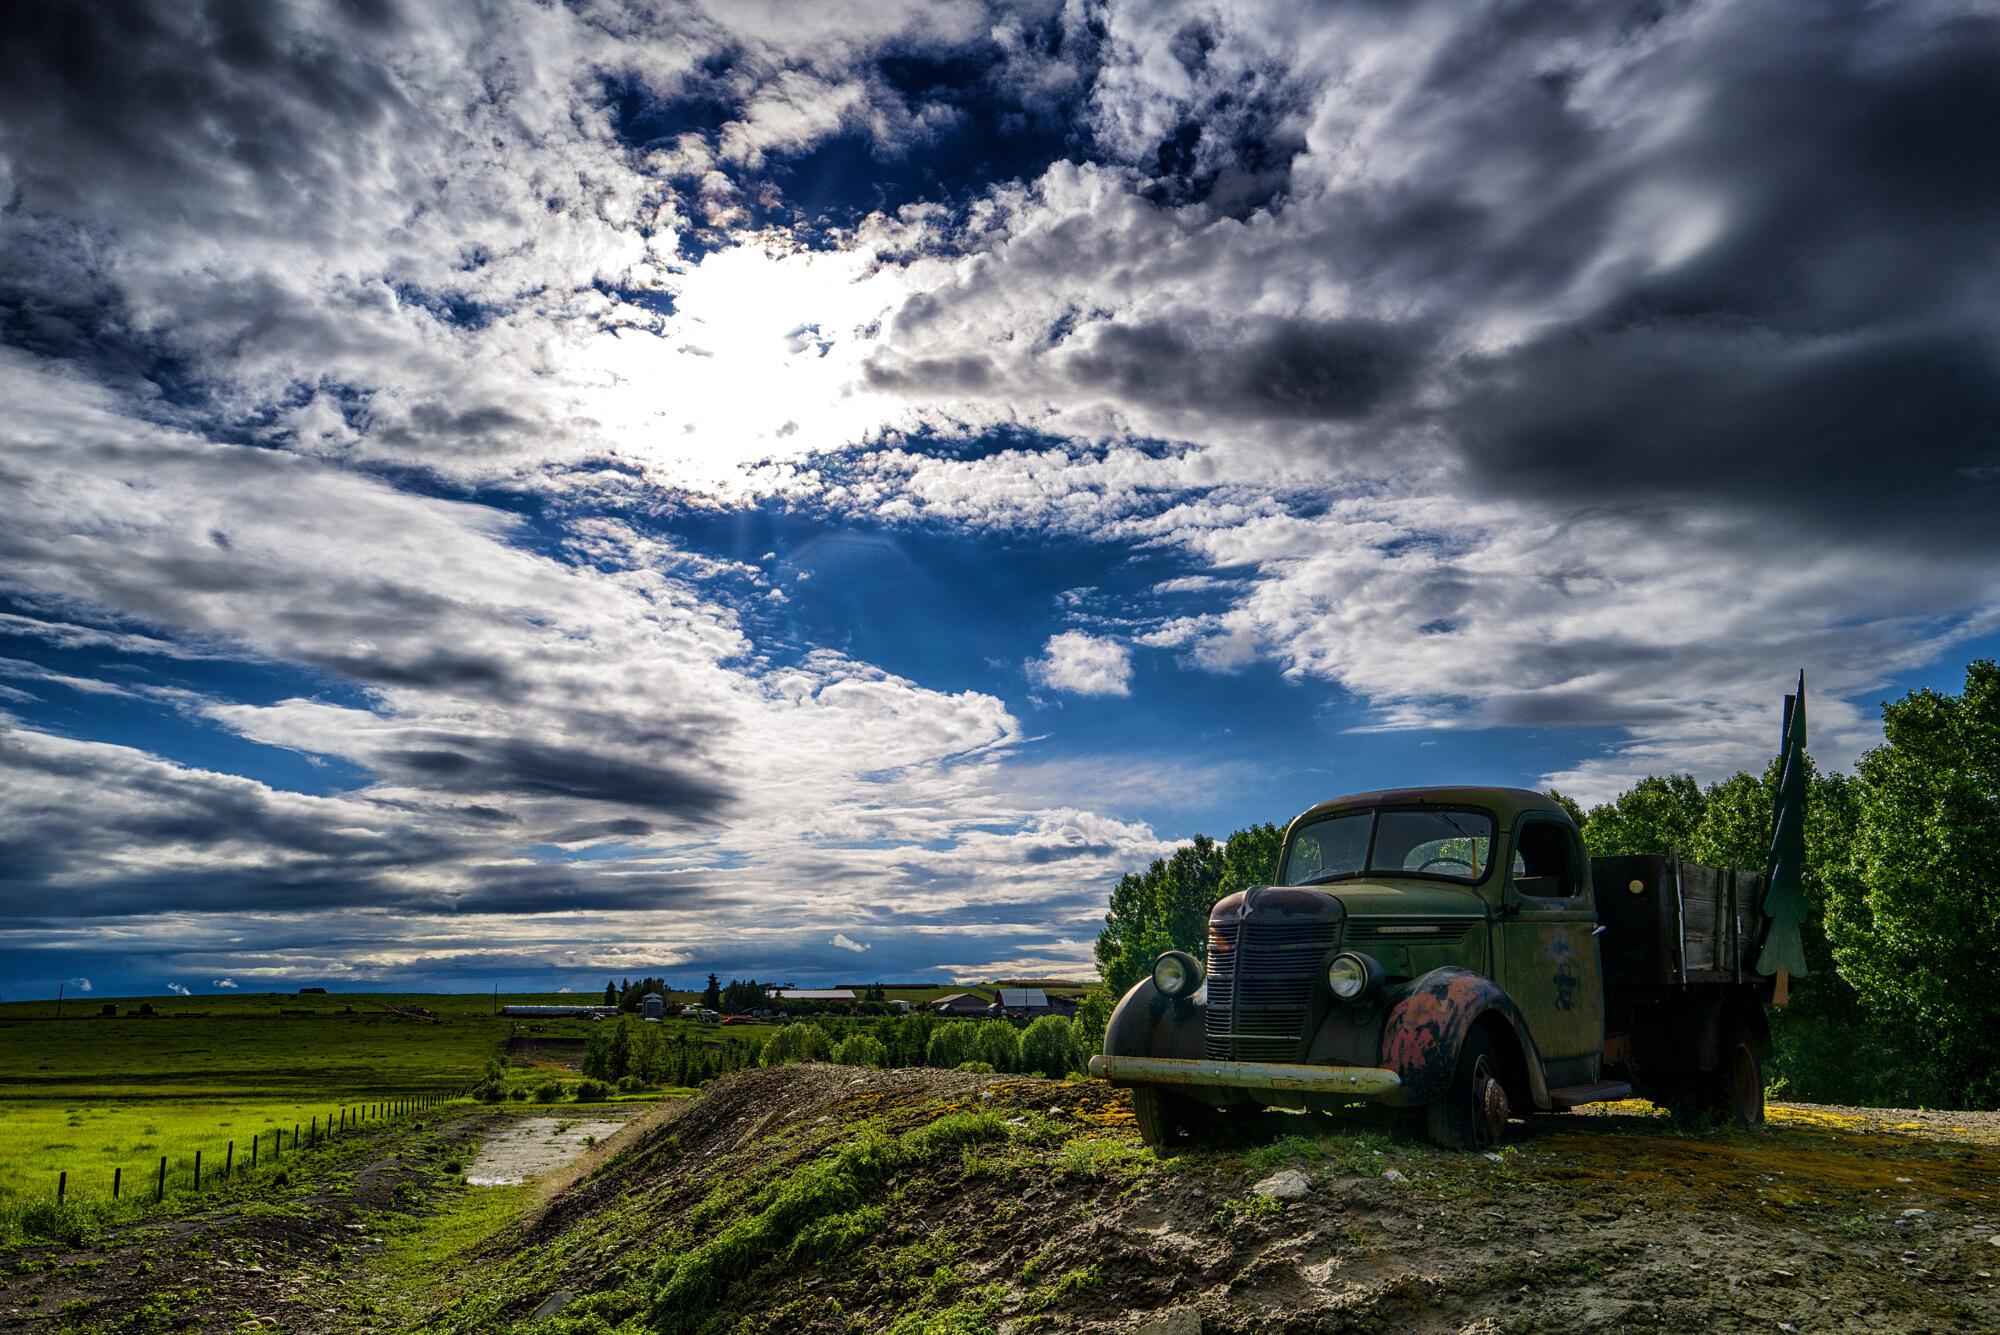 tree-farm-truck